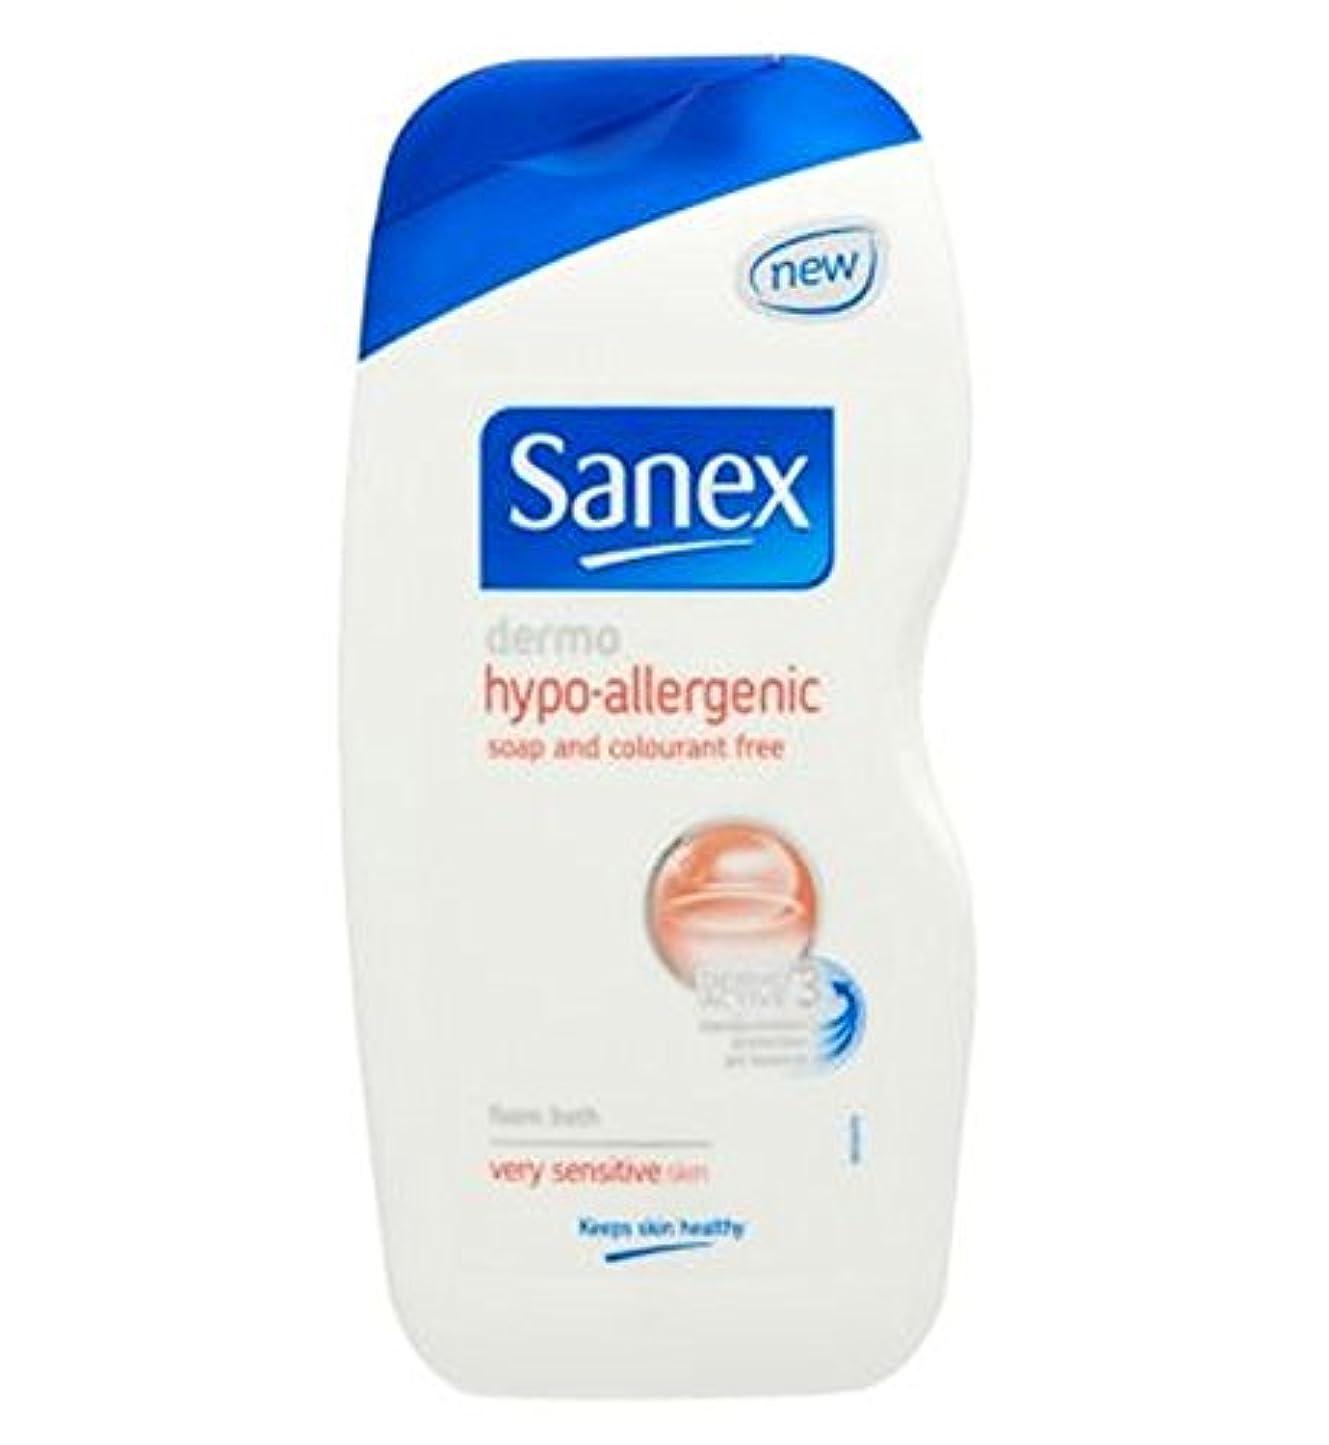 独占広告精査Sanex真皮ハイポアレルギーの非常に敏感肌の泡風呂500ミリリットル (Sanex) (x2) - Sanex Dermo Hypo Allergenic Very Sensitive Skin Foam Bath 500ml...